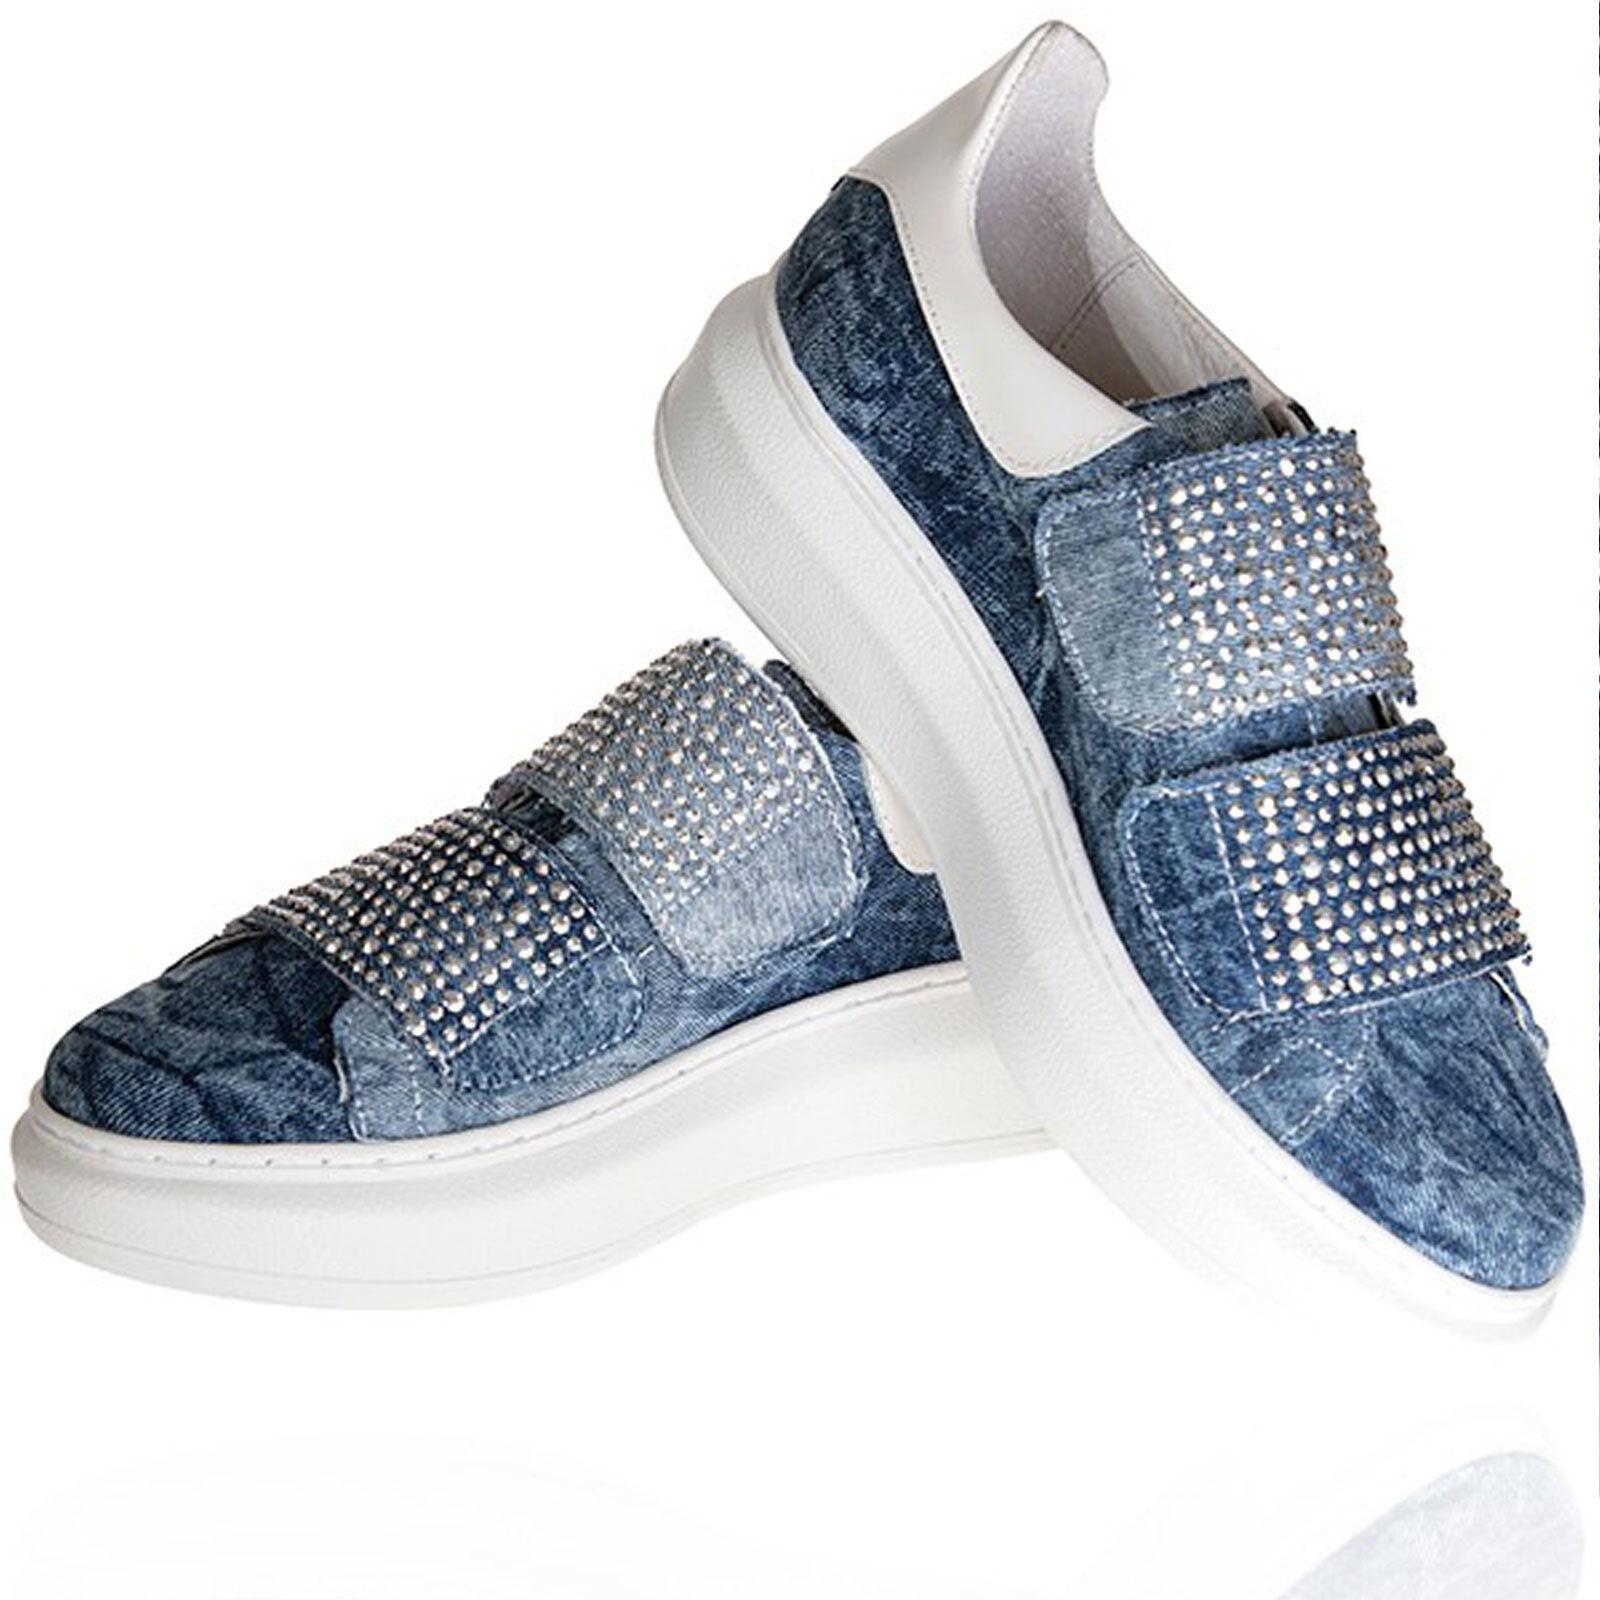 By Scarpe ALINA Scarpe Donna Jeans Zeppe Velcro Sneaker Scarpe By Basse Jeans Scarpe 36-39 99e2b2